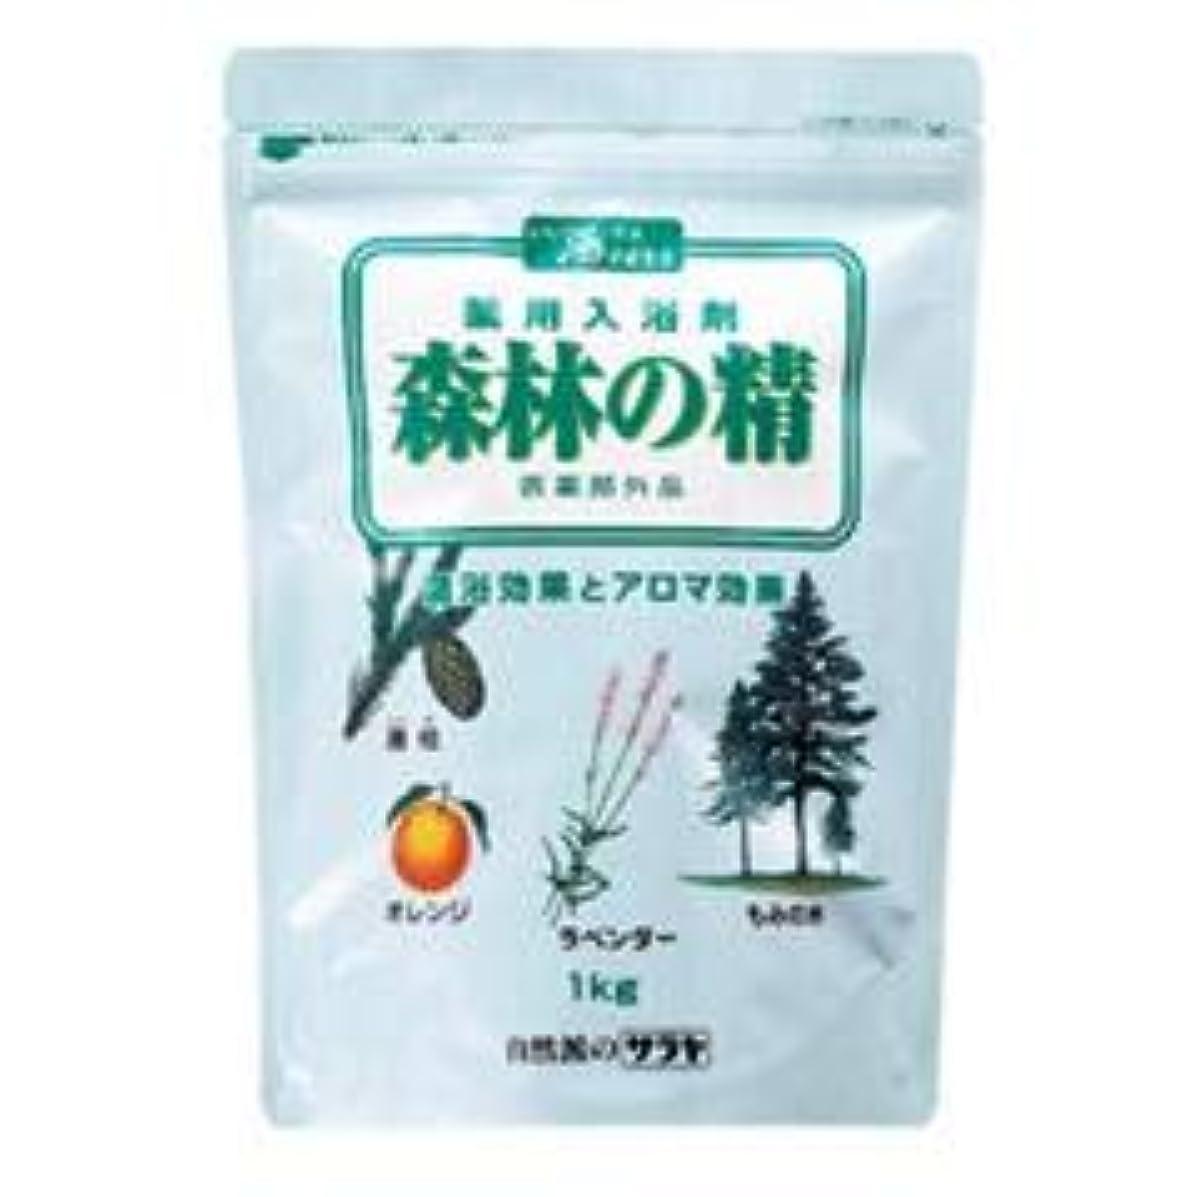 繕う論理的に枝サラヤ 薬用入浴剤 森林の精 チャック付 1kg